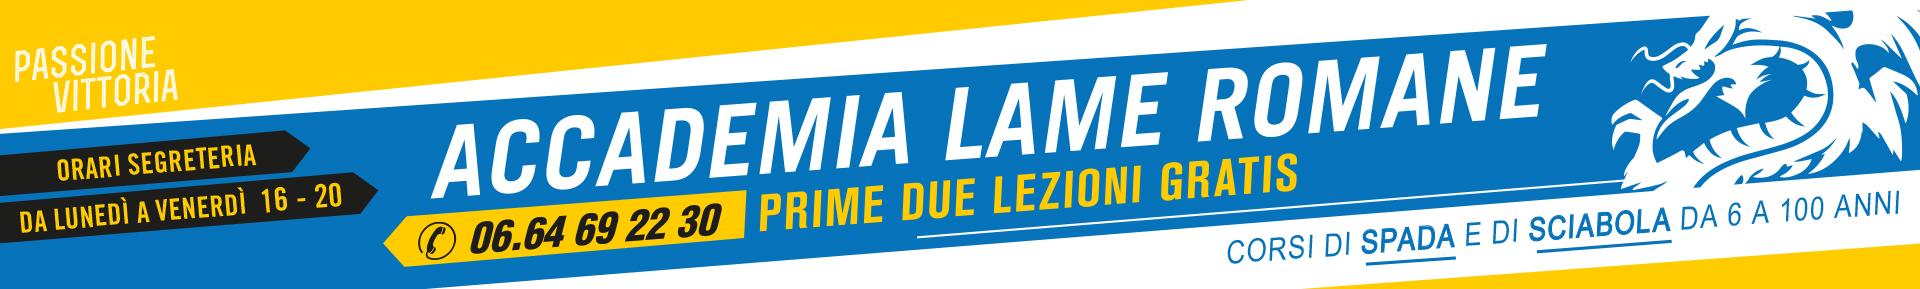 Accademia LAME ROMANE - Iscrizioni